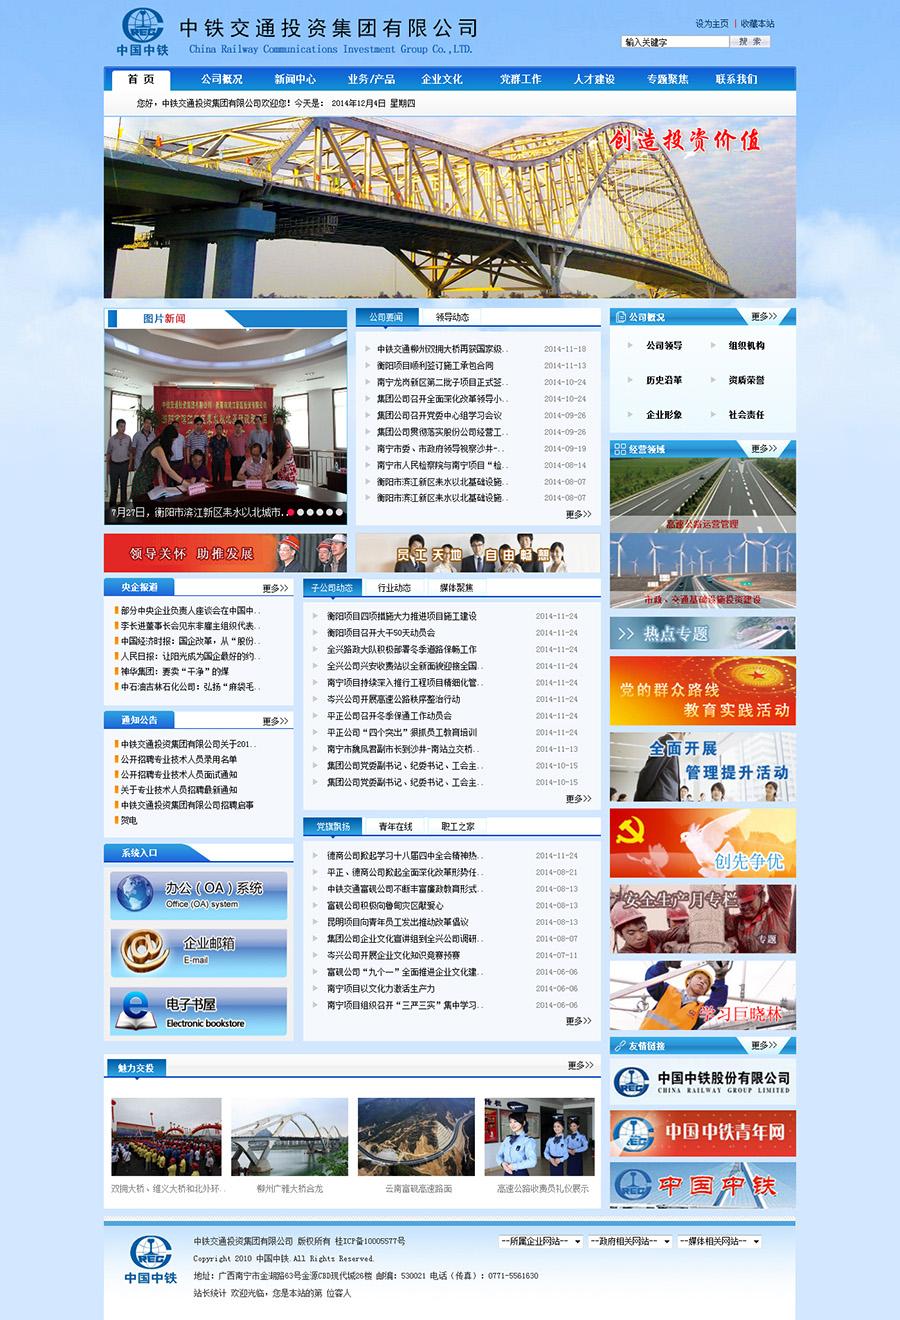 中铁交通-投资管理-传导网络